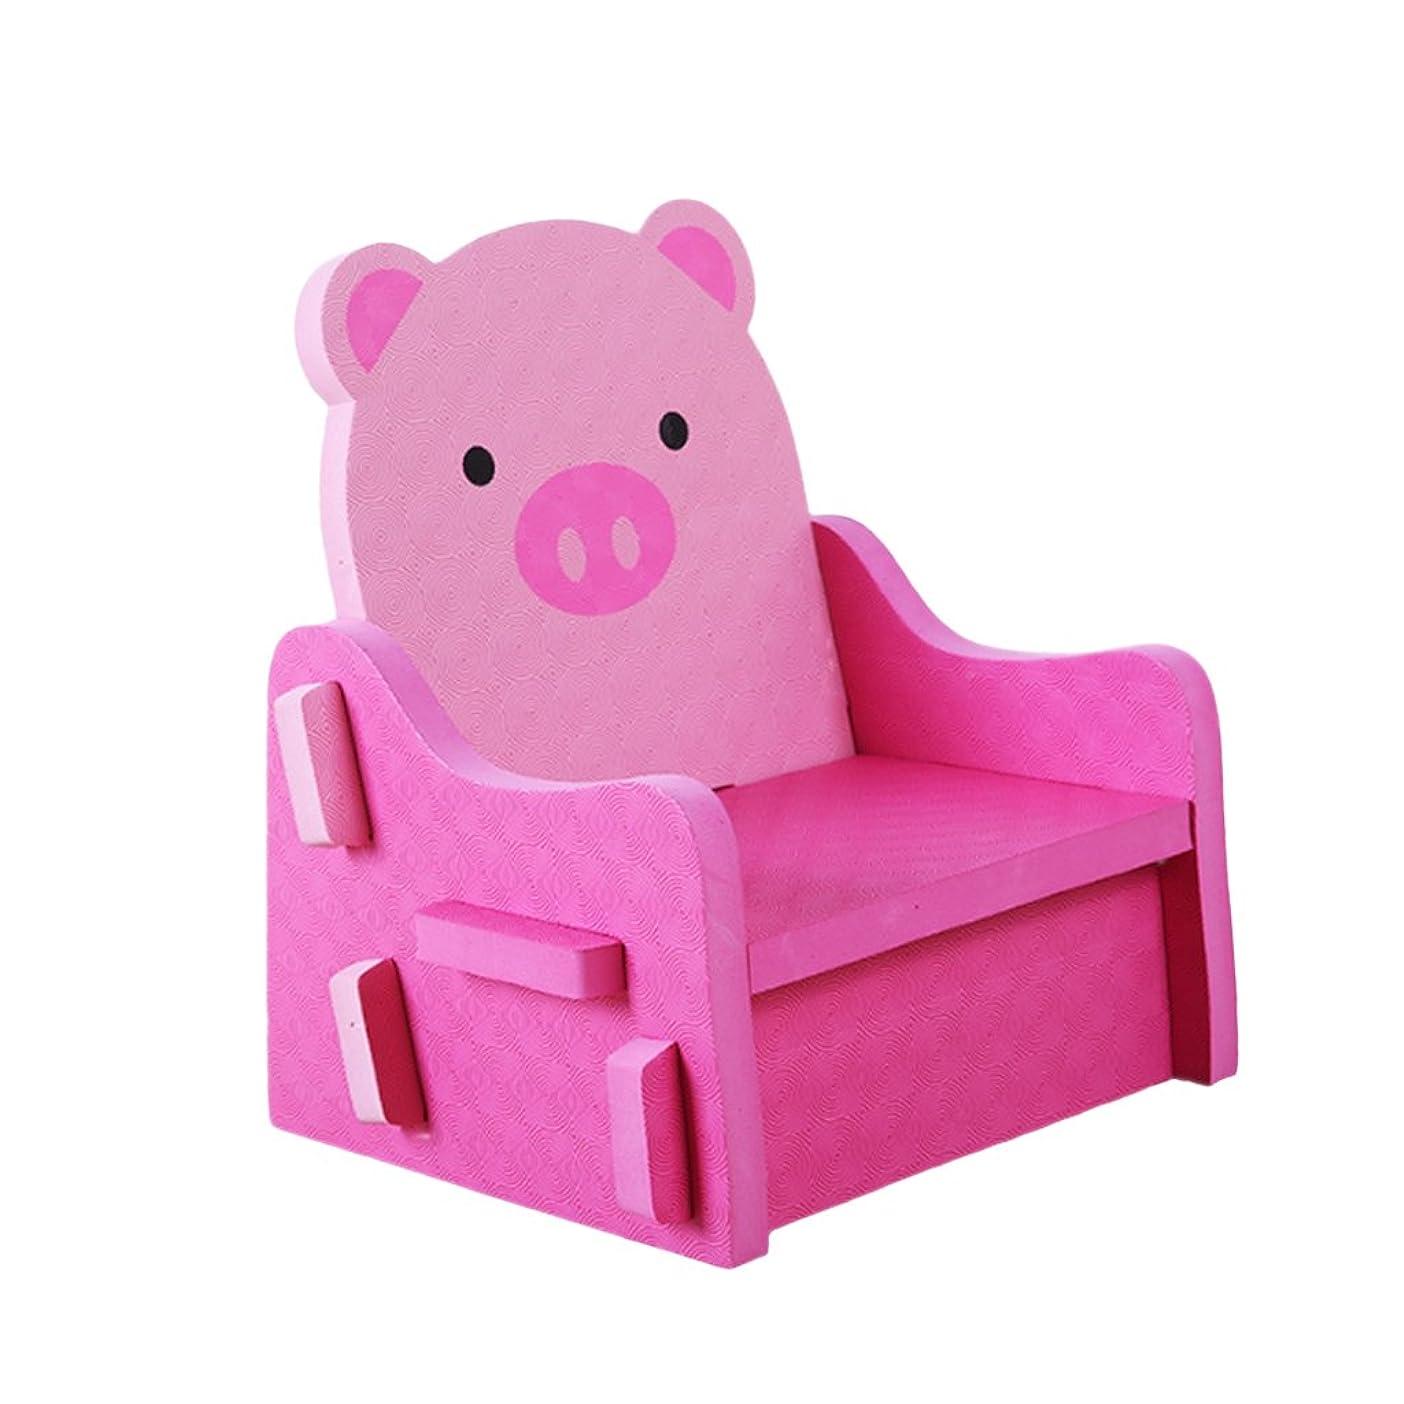 早く検索解明する非毒性 PEフォーム 子供 DIY 組み立て 椅子 チェア 全3色 - ピンク